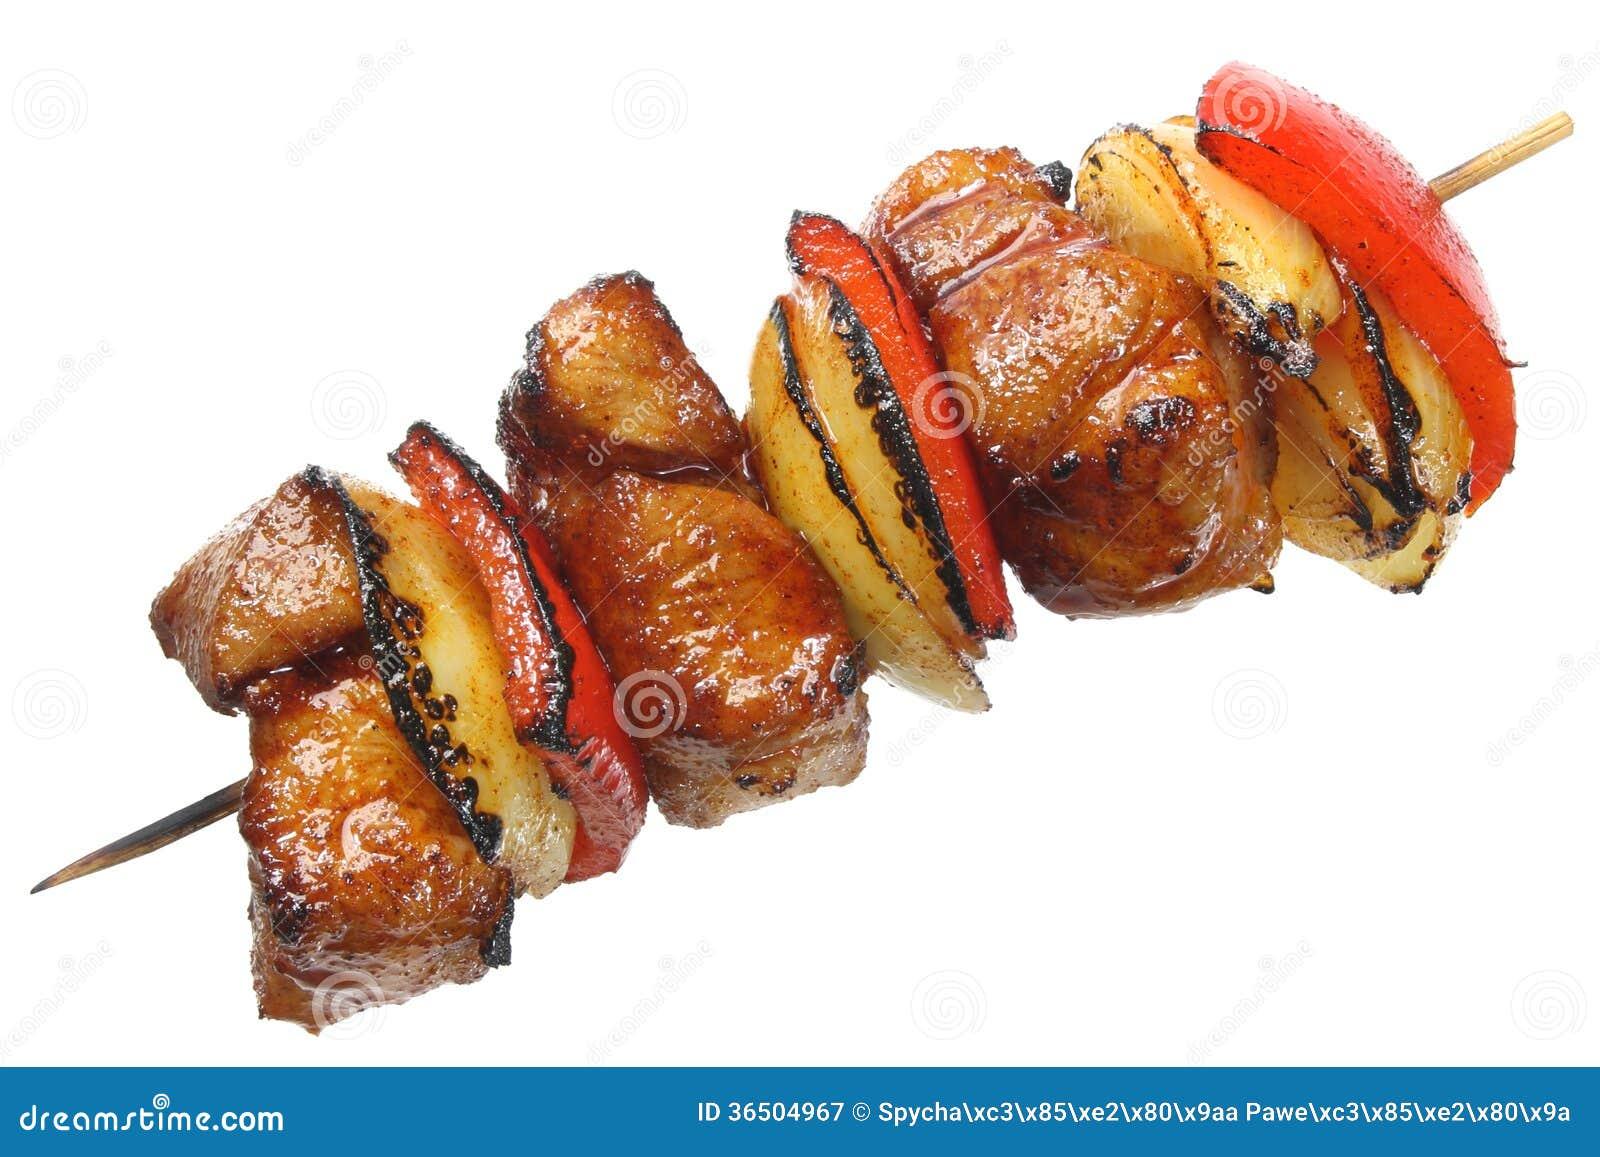 Brochettes faites de viande de porc